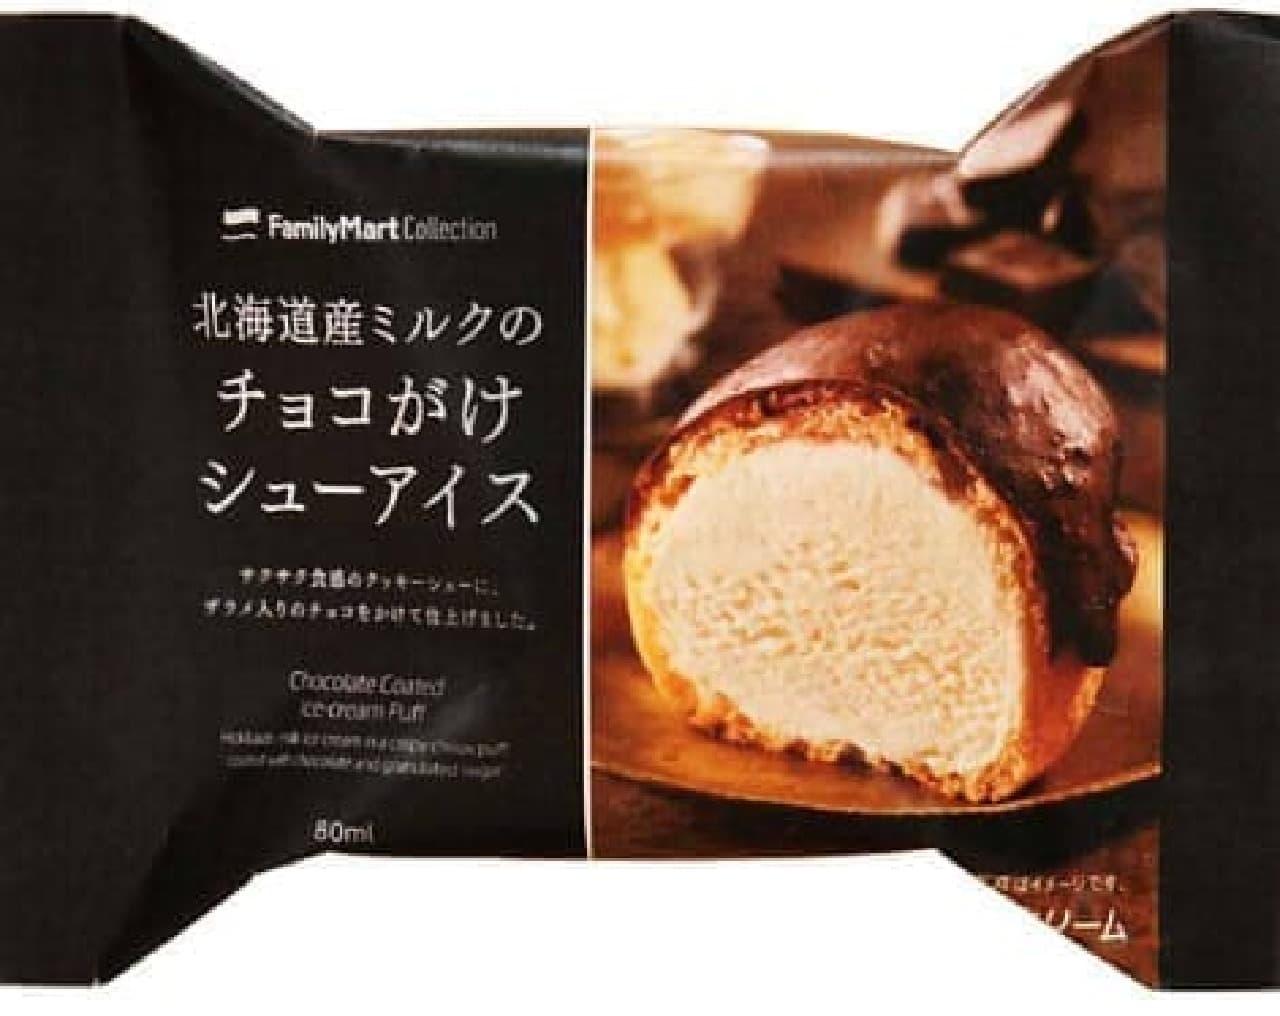 北海道産ミルクのチョコがけシューアイス(ファミマ限定)